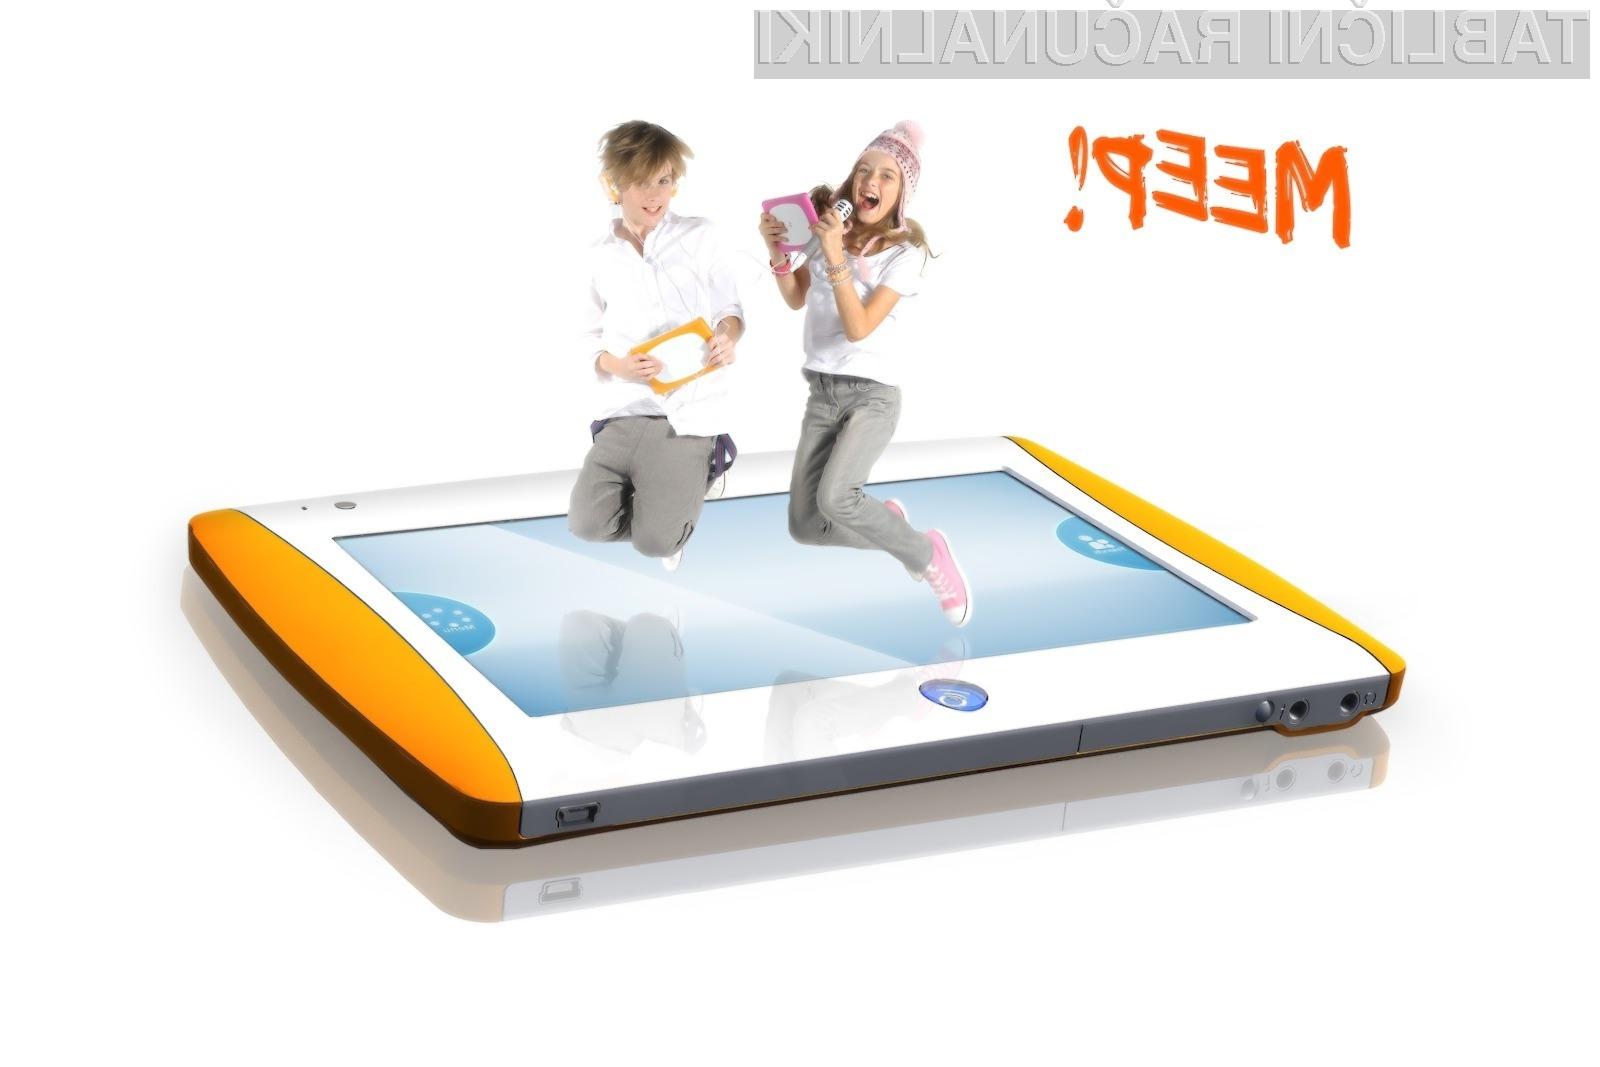 MEEP! je 7 palčni tablični računalnik namenjen majhnim otrokom.